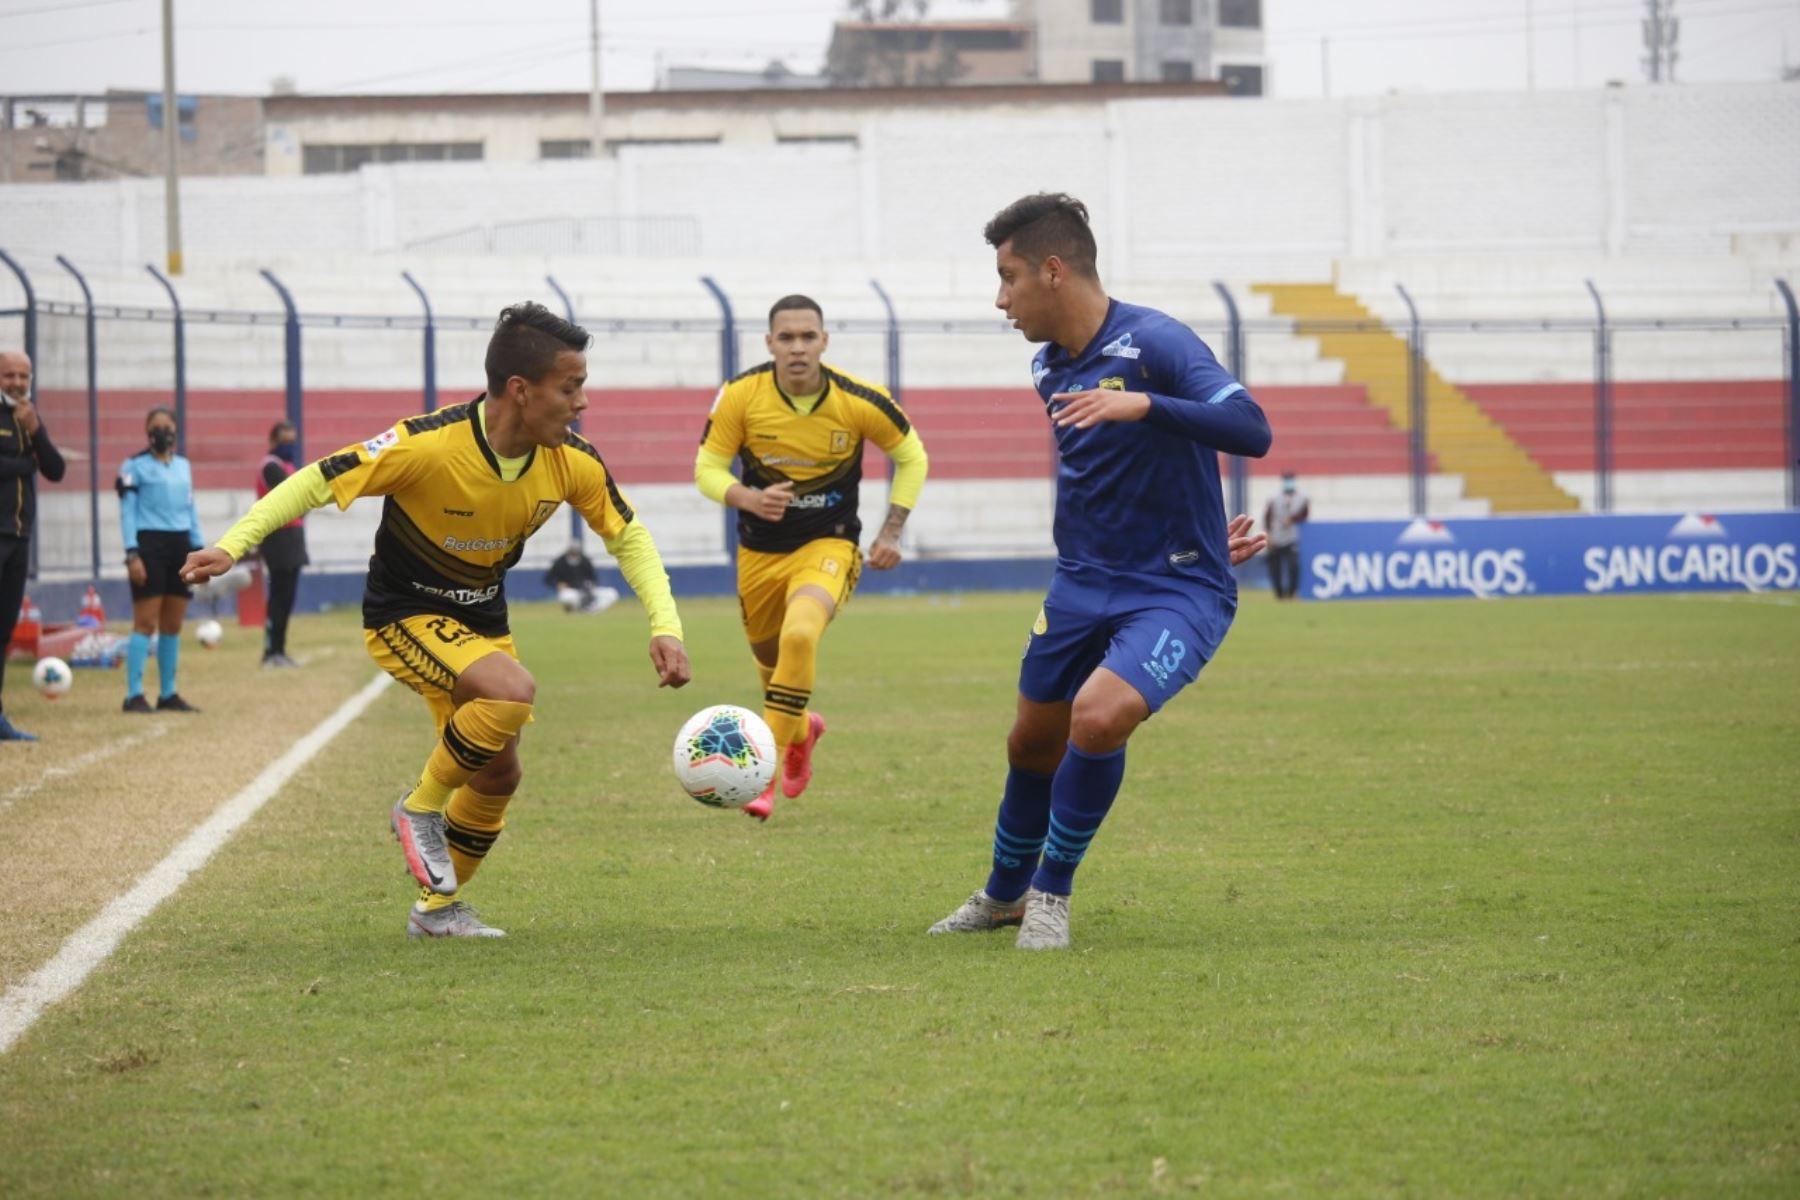 El futbolista J. Aguirre de Carlos Stein marca a su rival de Cantolao por la fecha 15 de la Liga 1, en el estadio Iván Elías Moreno. Foto: @LigaFutProf